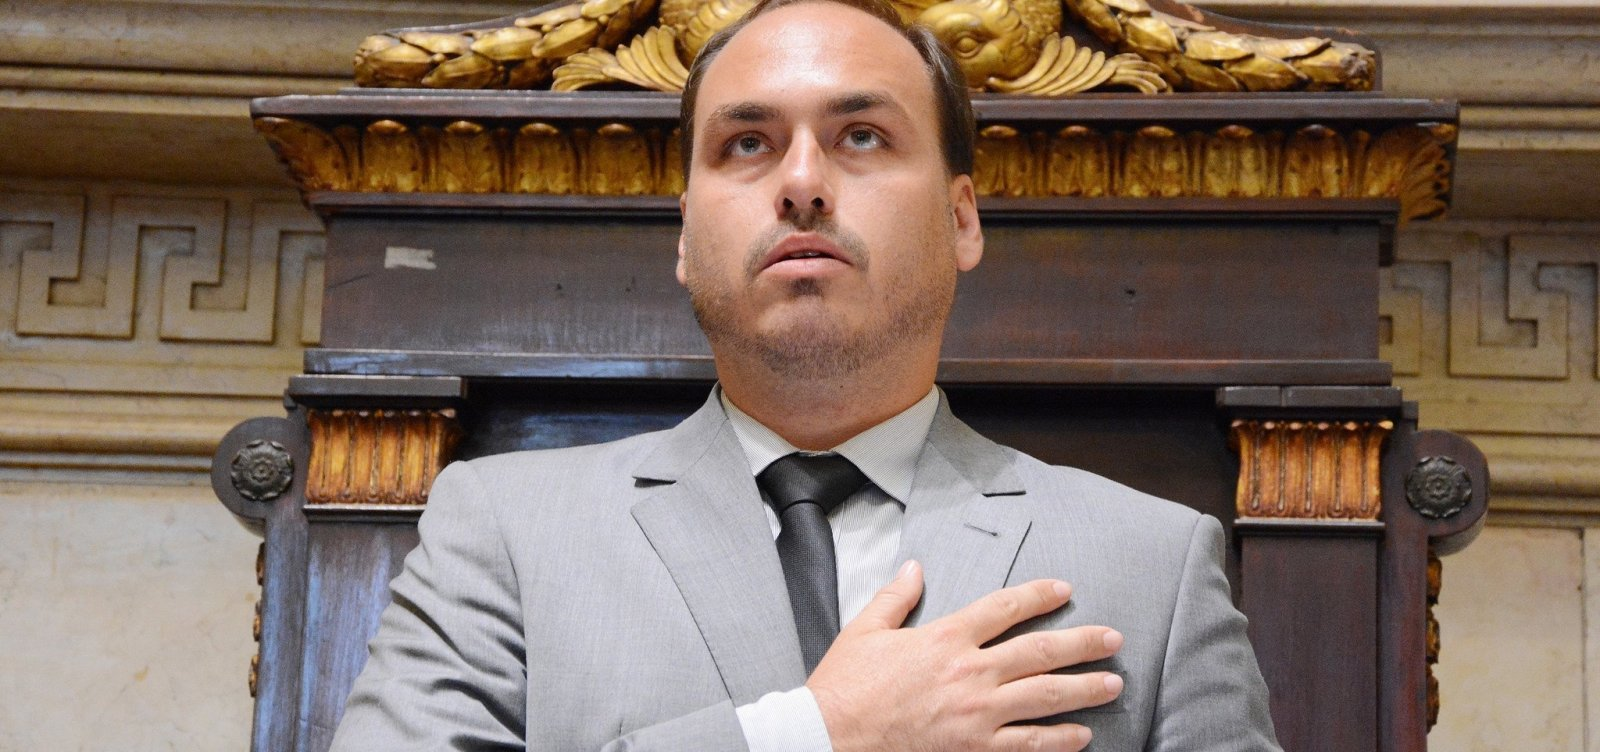 [Após postagem, filho de Bolsonaro é acionado por apologia à tortura]